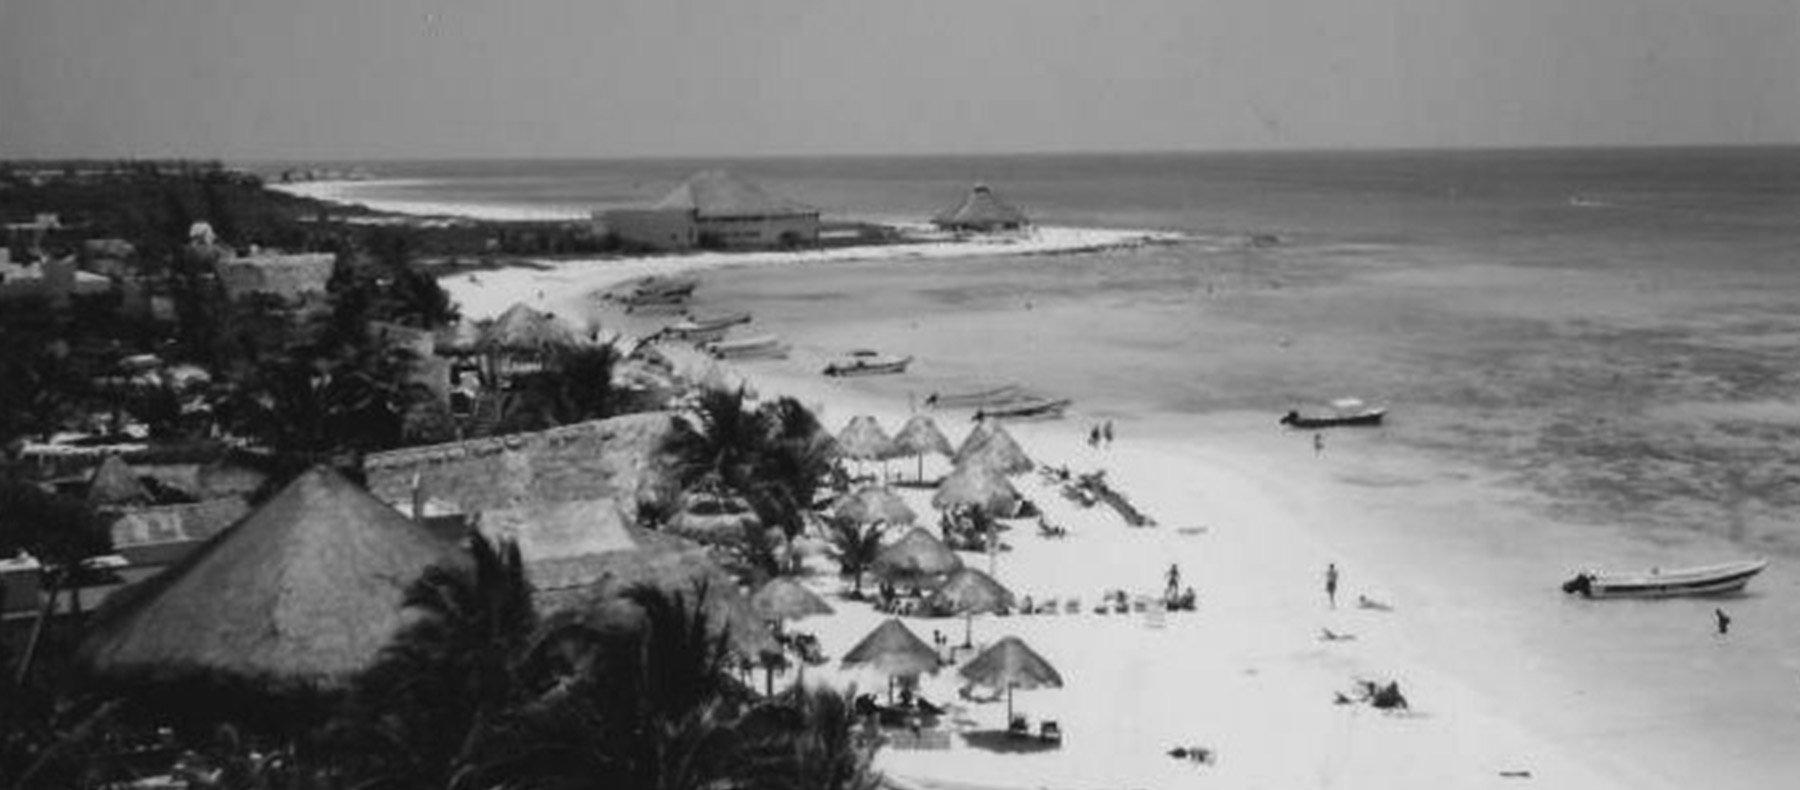 playa-del-carmen-en-sus-inicios